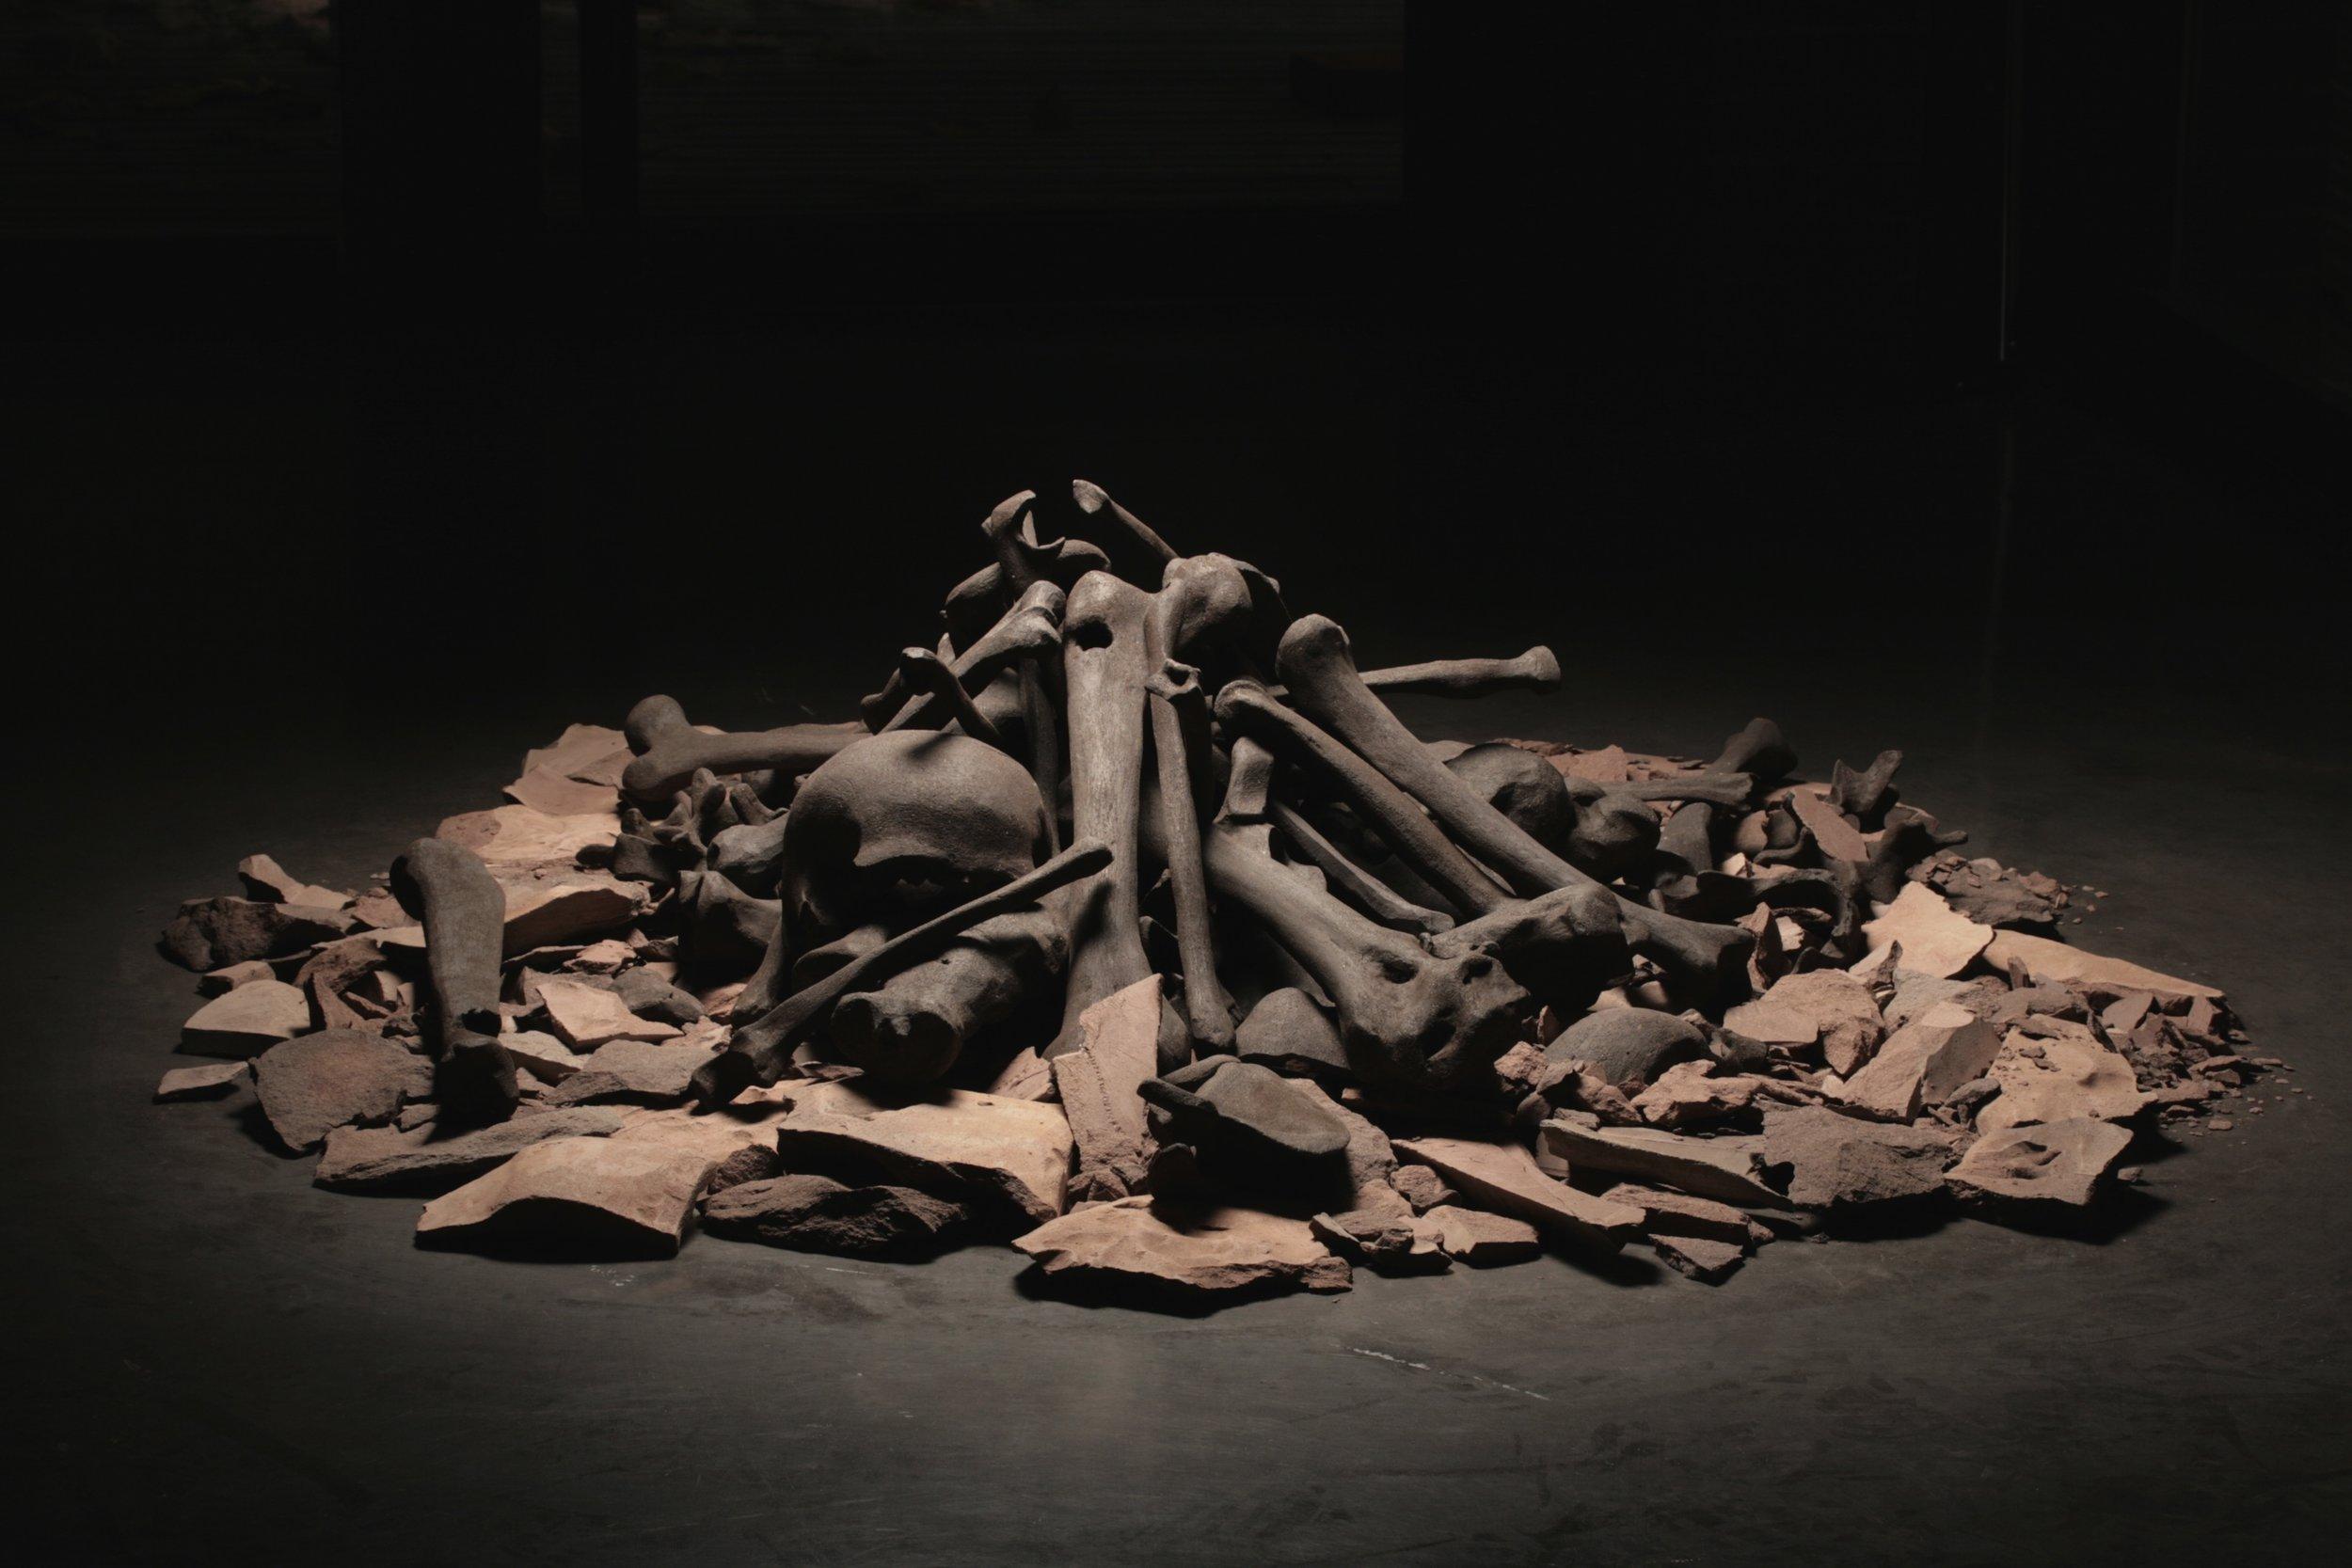 7.Le foyer, 2011, sculpture, ce?r amique (grès), 1m30 diamère.jpg